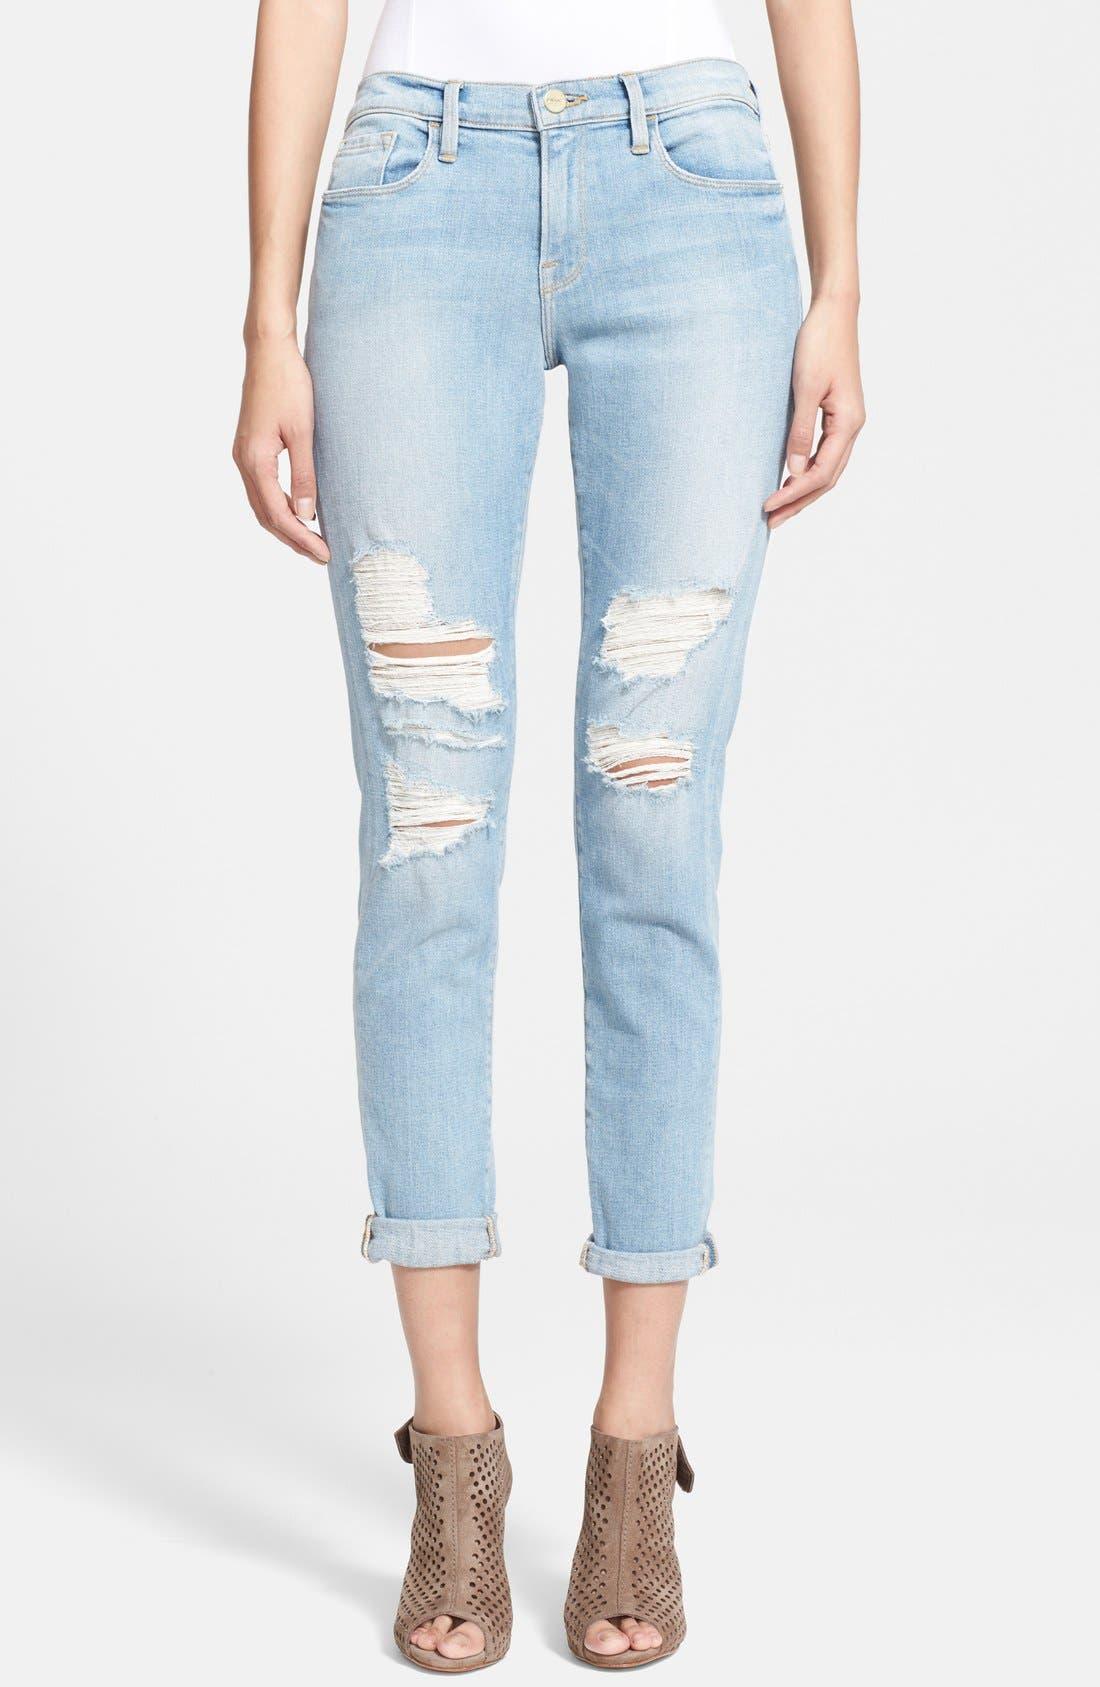 Main Image - Frame Denim 'Le Garcon' Boyfriend Jeans (Lucielle)